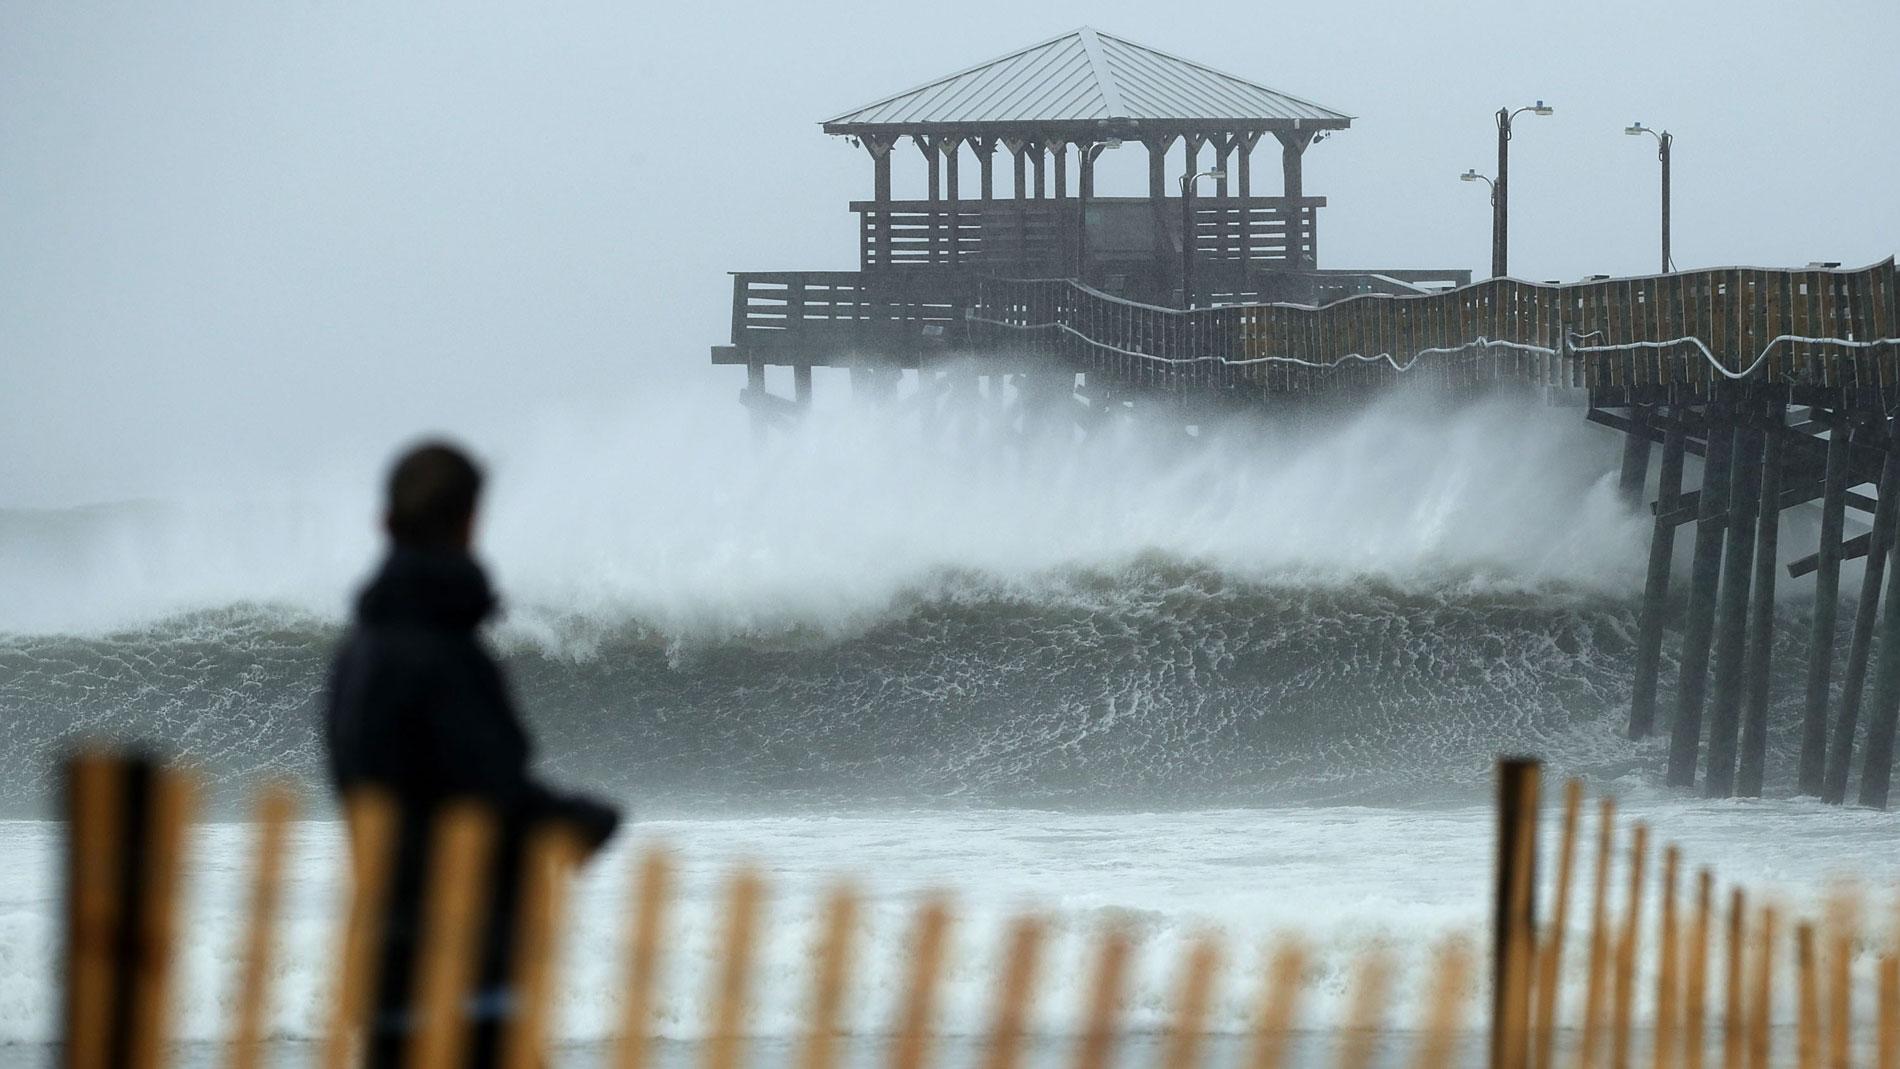 El huracán Florence comienza a dejar fuertes lluvias en la costa sureste de Carolina del Norte